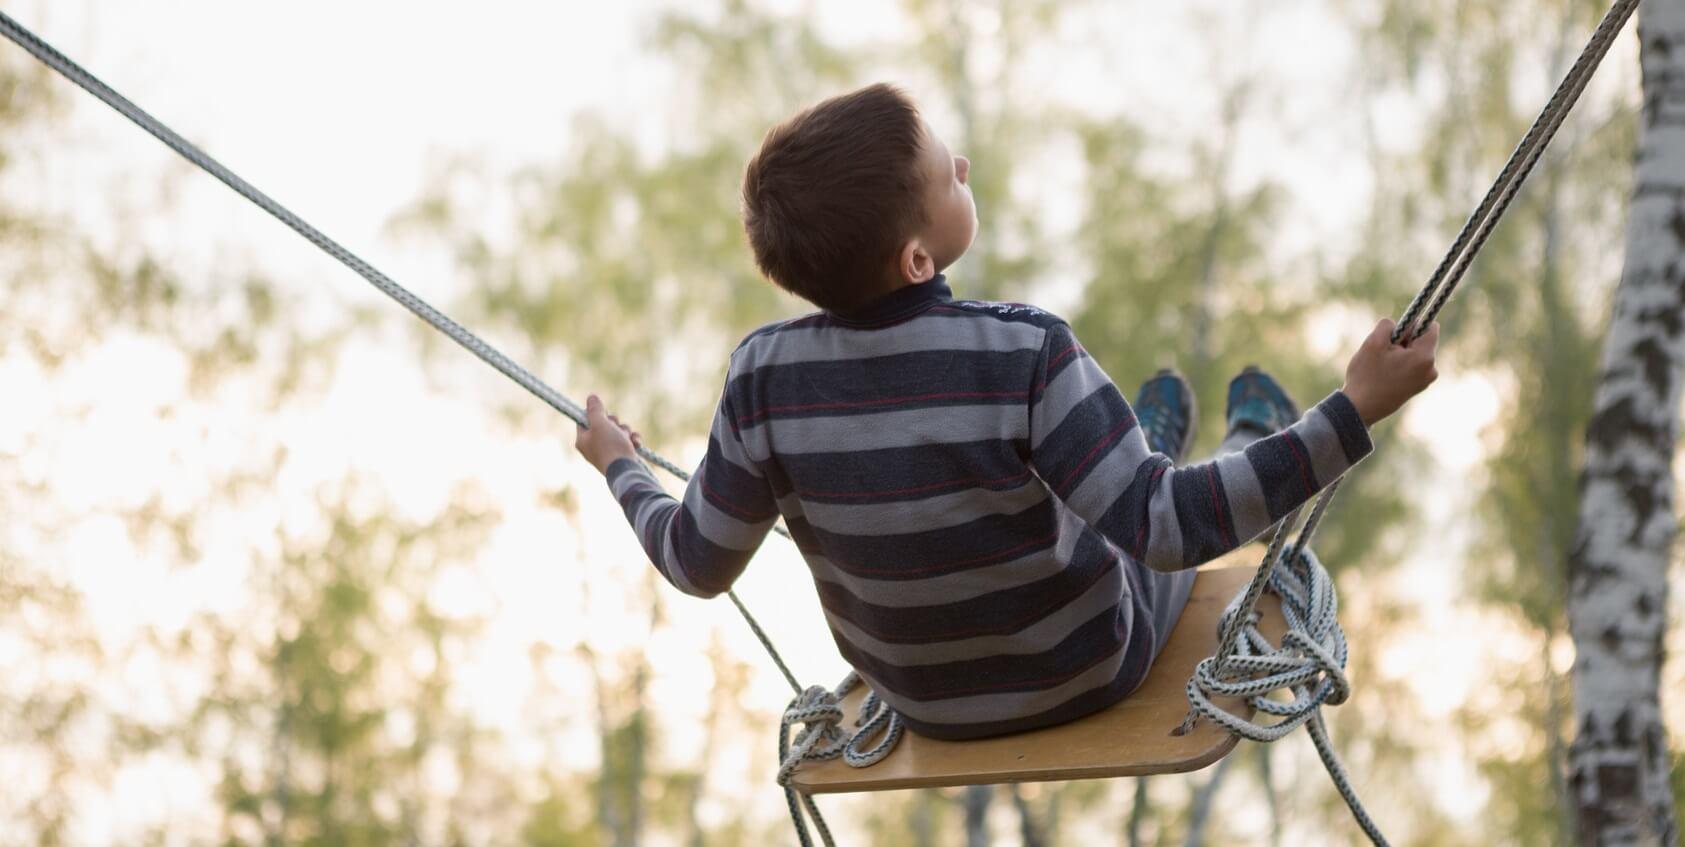 Schaukel Kind Harmonie Hotelversicherung